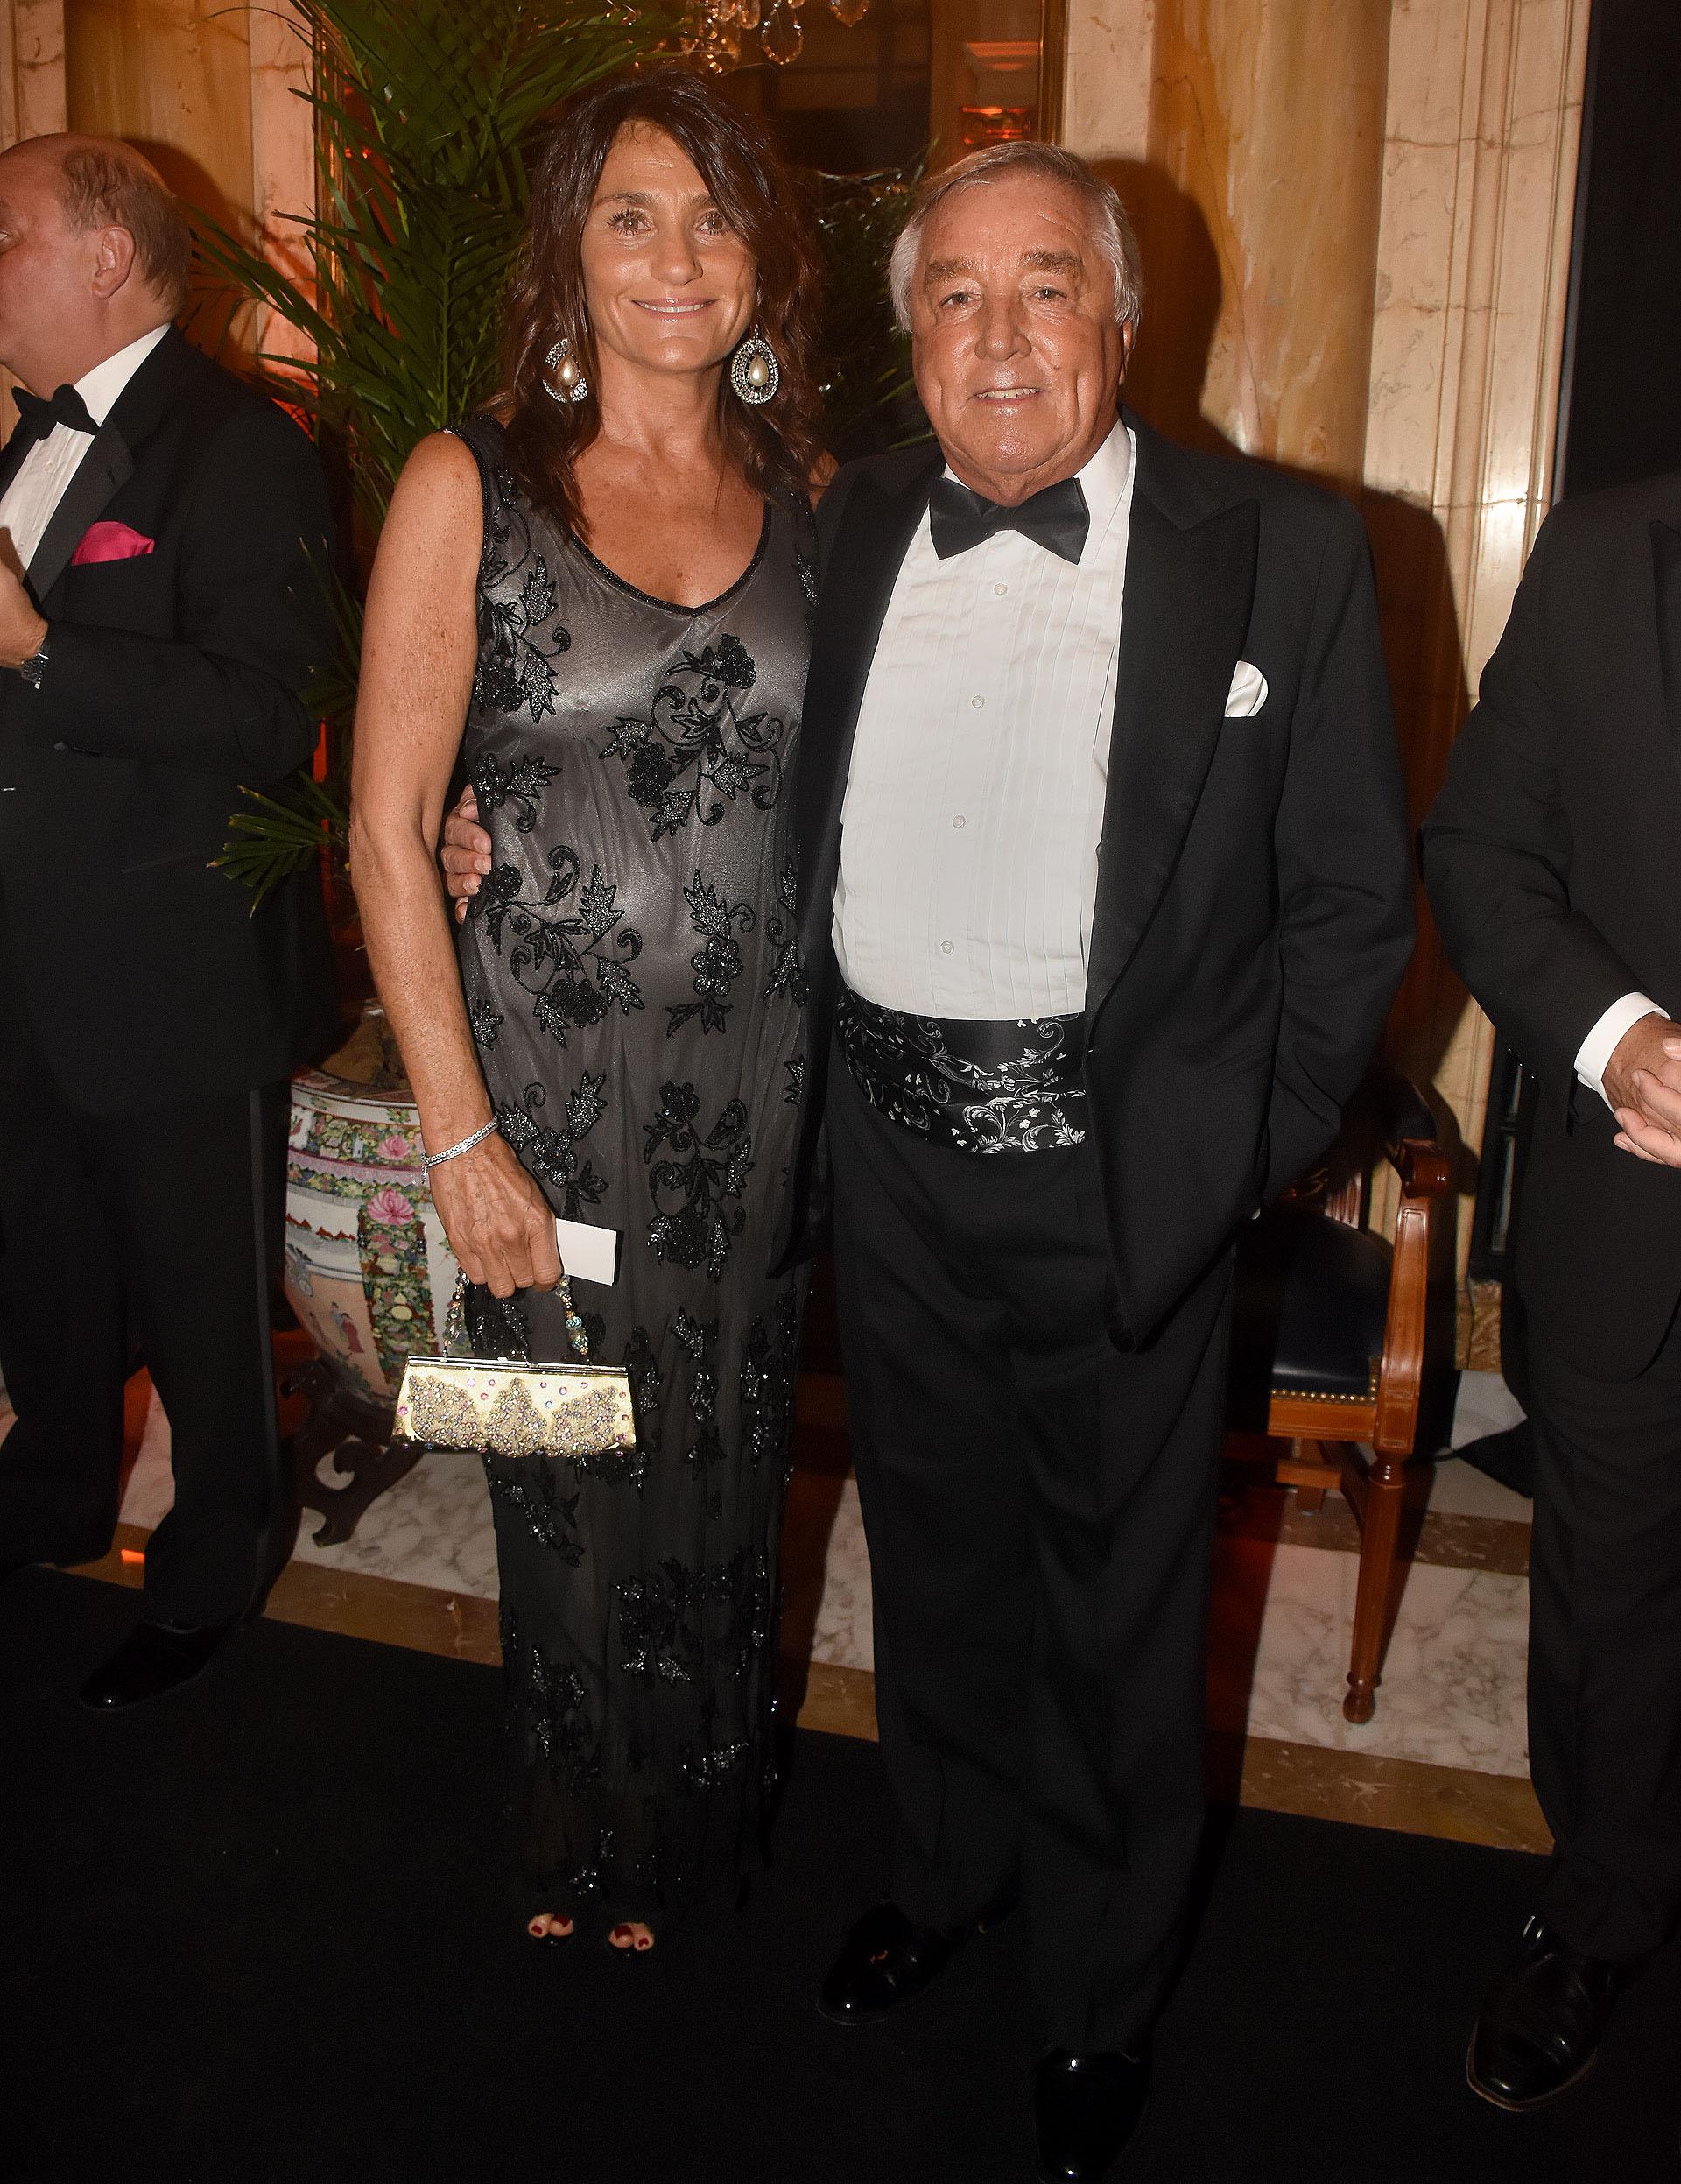 El presidente del Gruppo Modena, Julio De Marco, y su mujer Alejandra Stefani